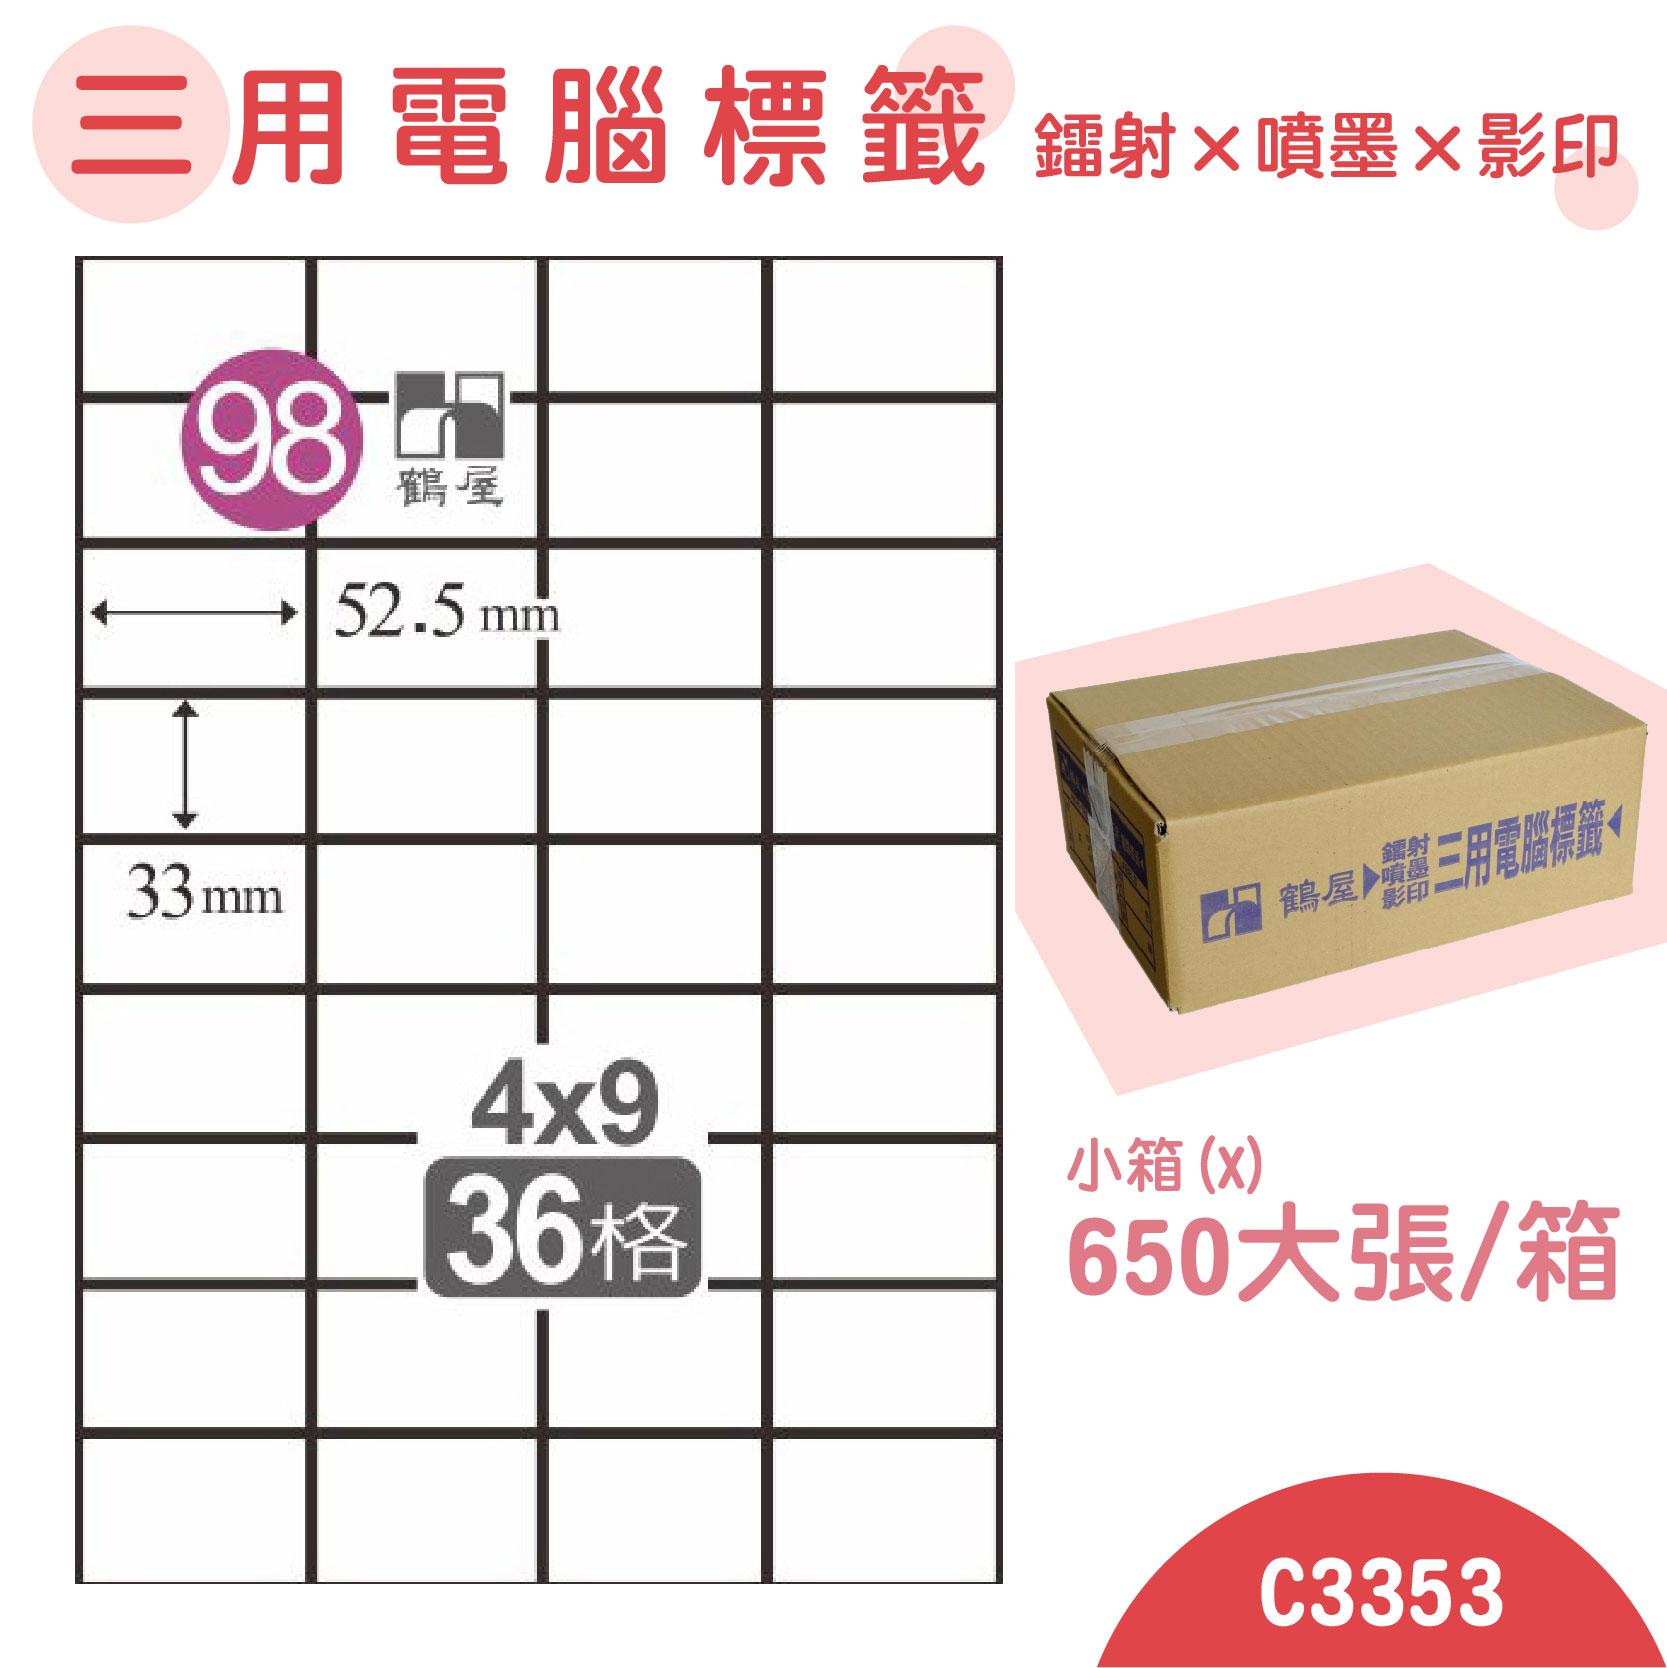 電腦標籤紙(鶴屋) 白色 C3353 36格 650大張/小箱 影印 雷射 噴墨 三用 標籤 貼紙 信封 光碟 名條